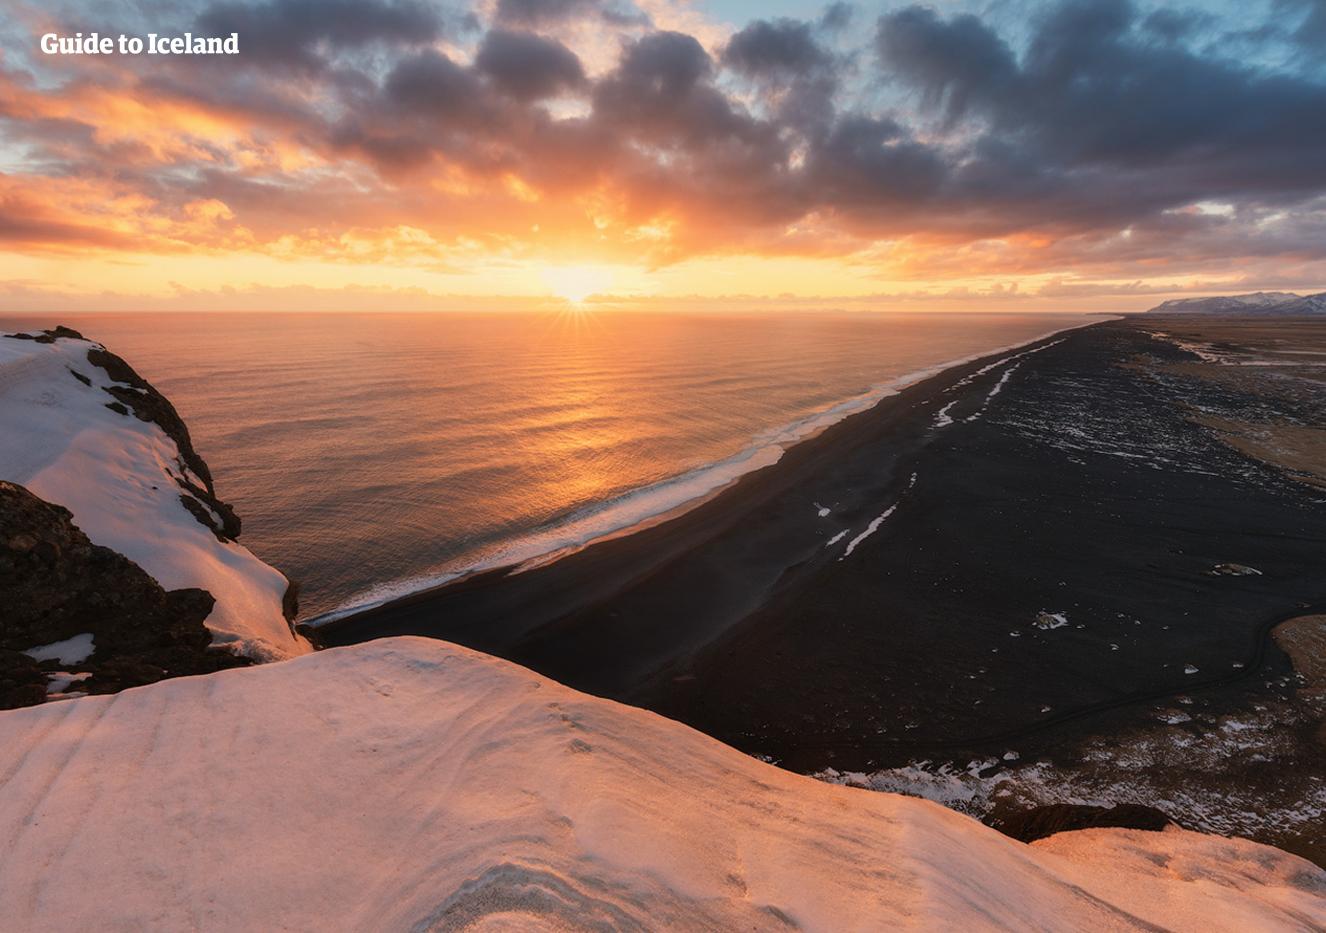 11-дневный зимний автотур | Природа Южного побережья и Западная Исландия - day 9